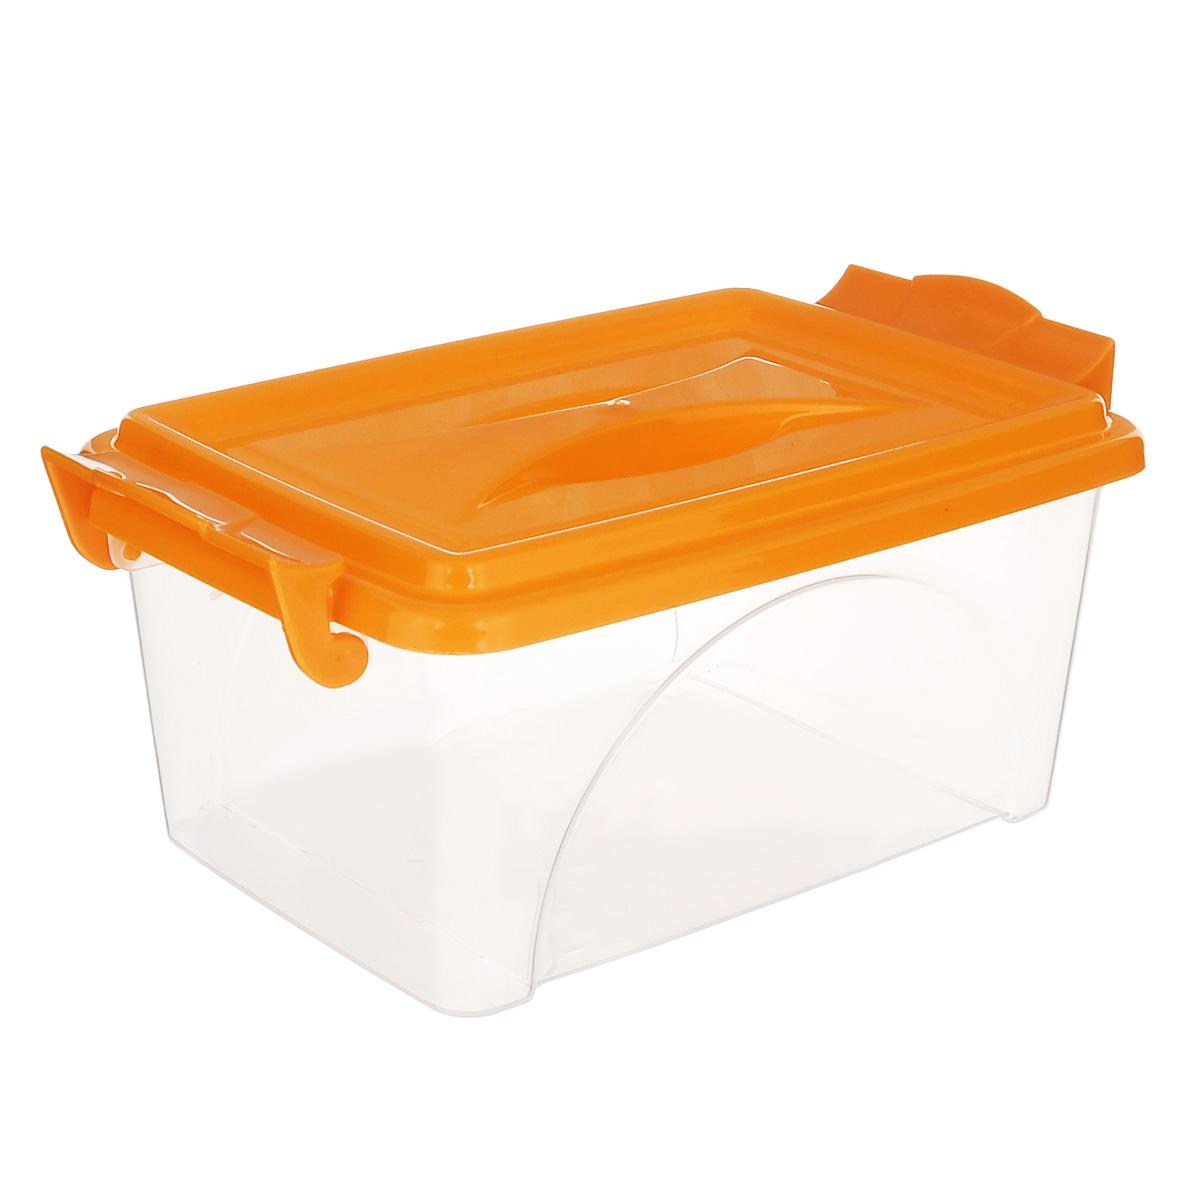 Контейнер Альтернатива, цвет: оранжевый, 26,5 см х 16,5 см х 12 смМ421Контейнер Альтернатива выполнен из прочного пластика. Он предназначен для хранения различных бытовых вещей и продуктов. Контейнер оснащен по бокам ручками, которые плотно закрывают крышку контейнера. Также на крышке имеется ручка для удобной переноски. Контейнер поможет хранить все в одном месте, он защитит вещи от пыли, грязи и влаги.